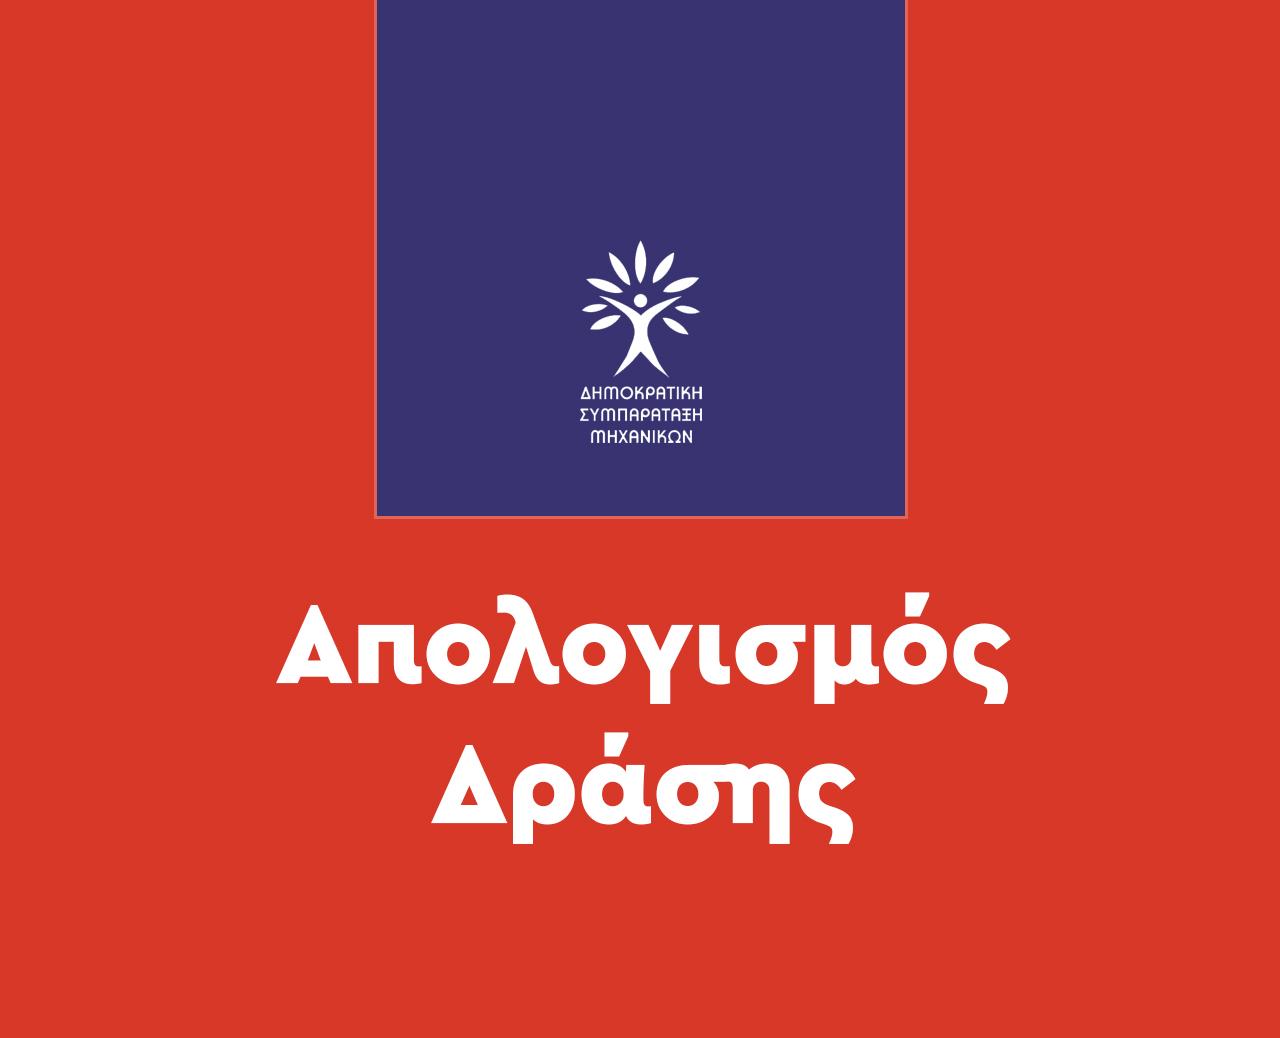 Απολογισμός δράσης ΔΗΣΥΜ (06/2018-10/2018)